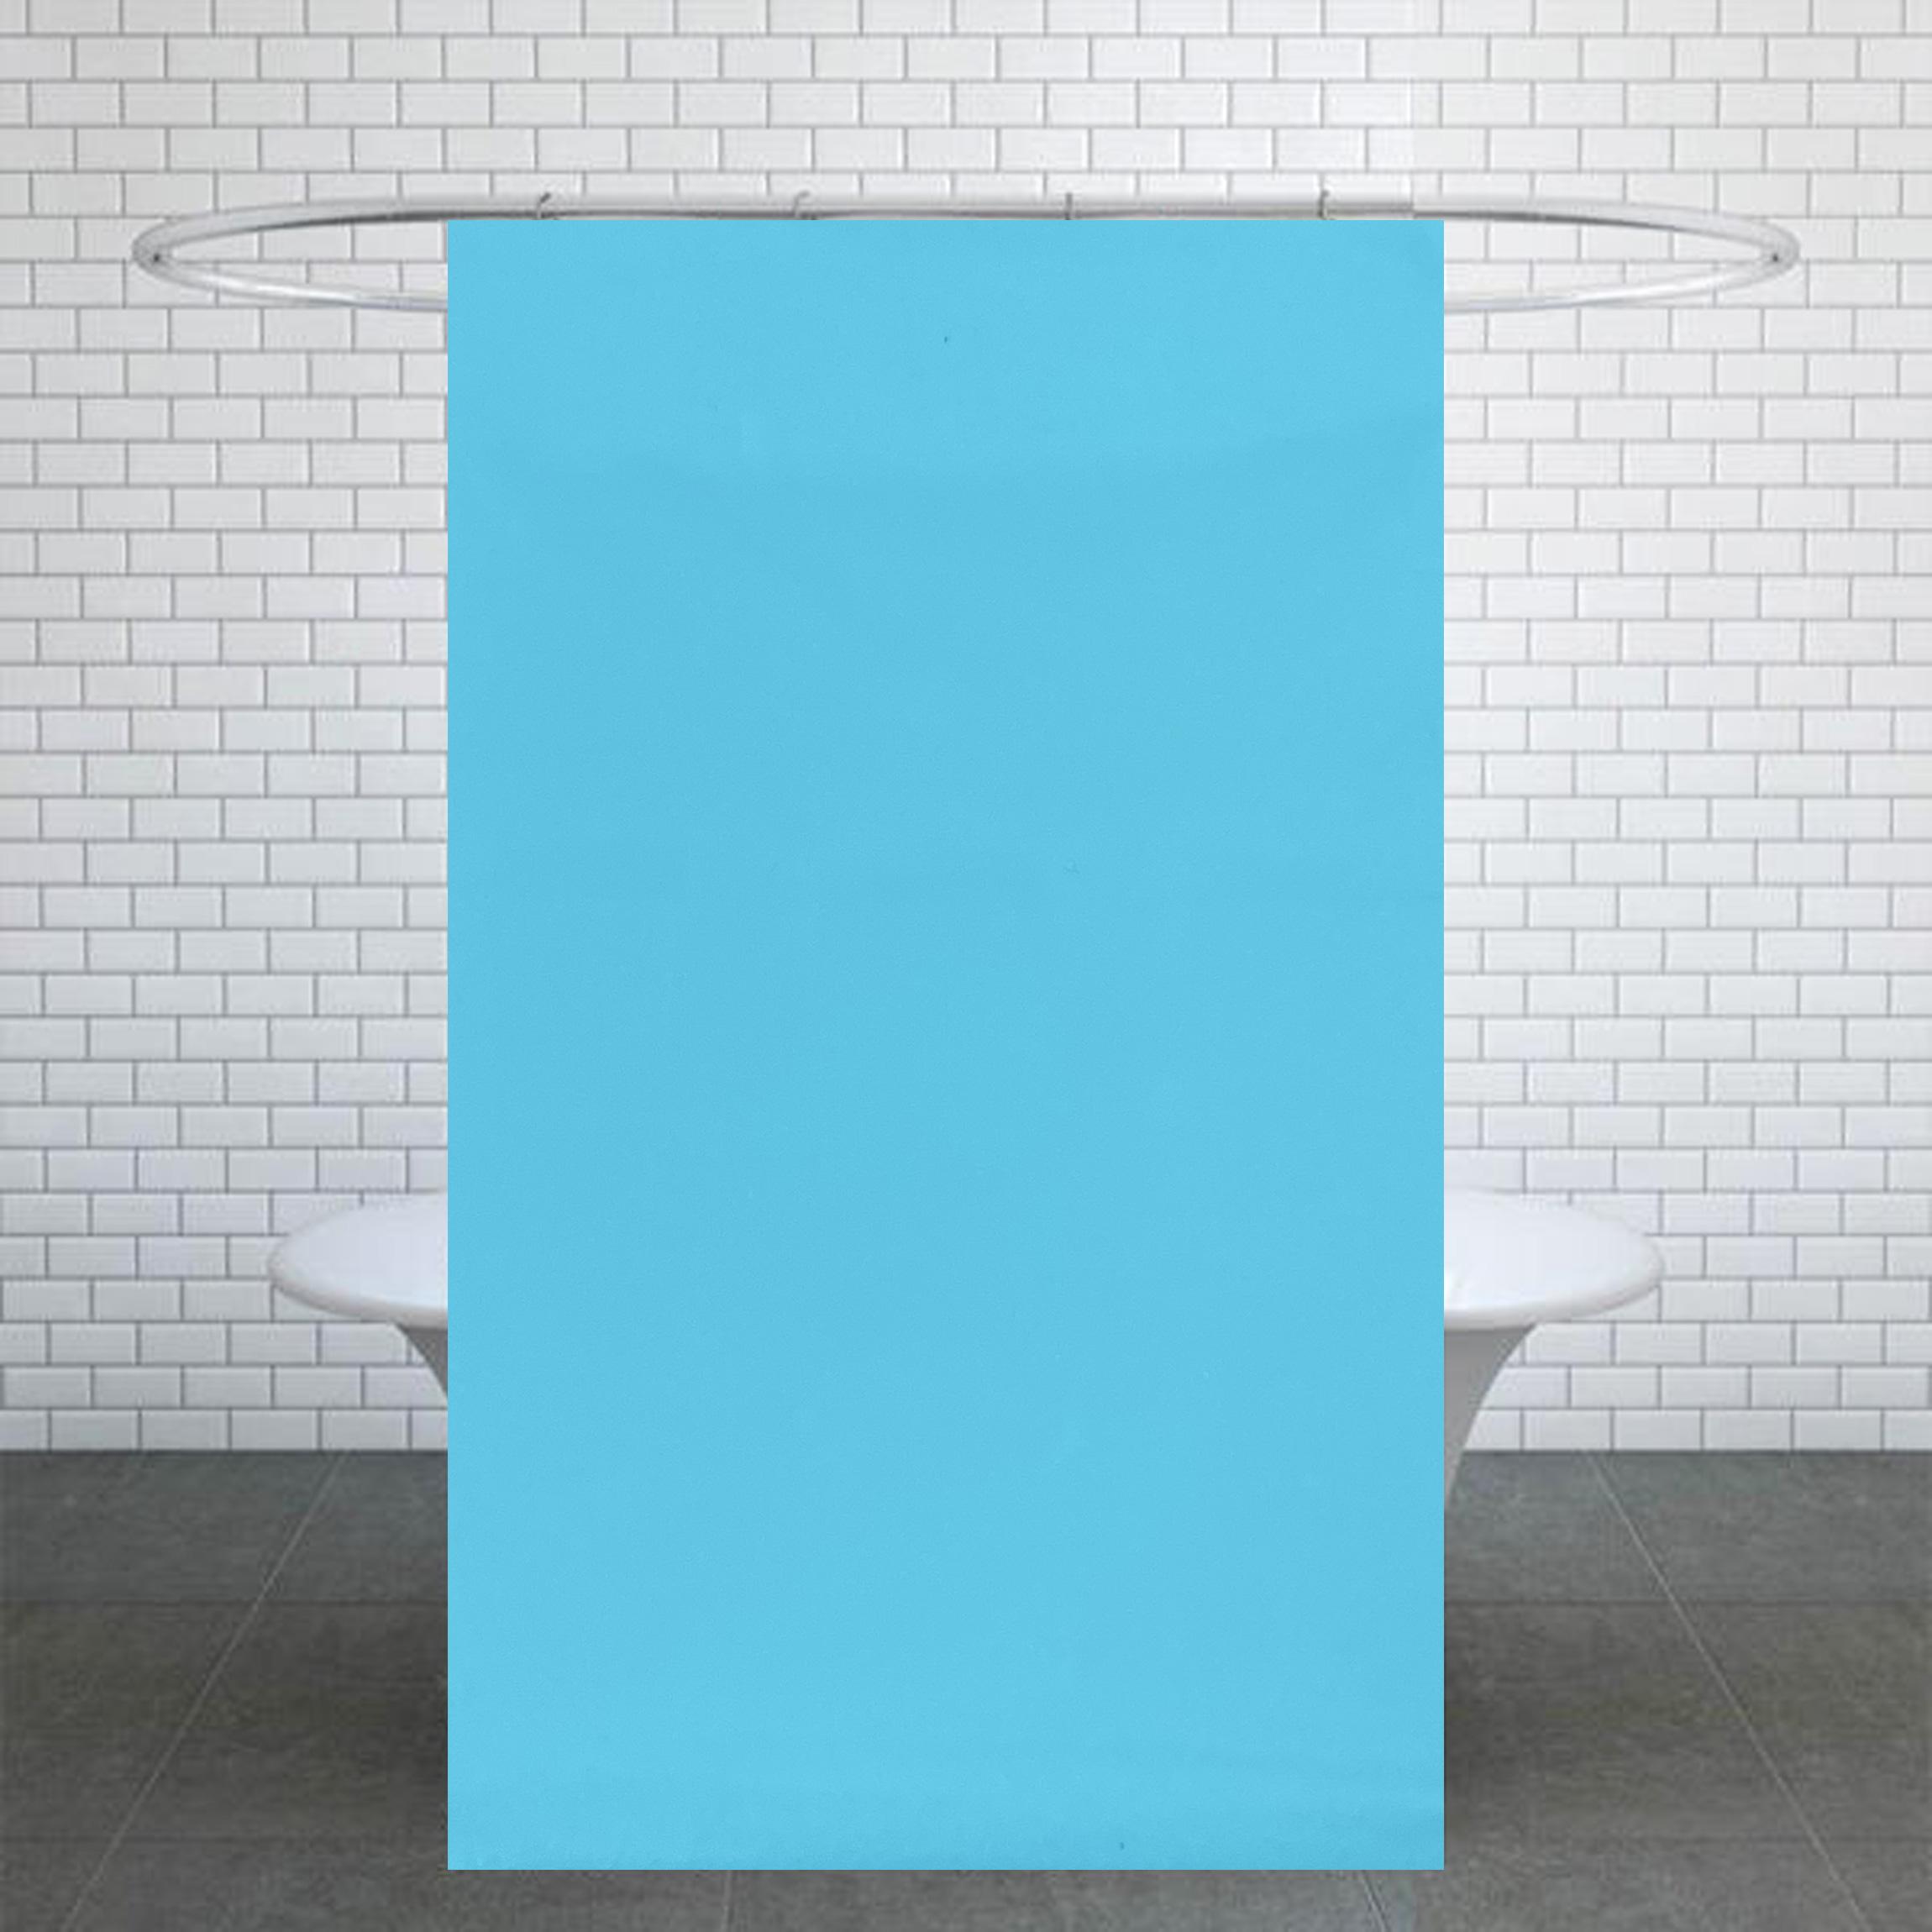 پرده حمام کد KLM7 سایز 180x220 سانتی متر